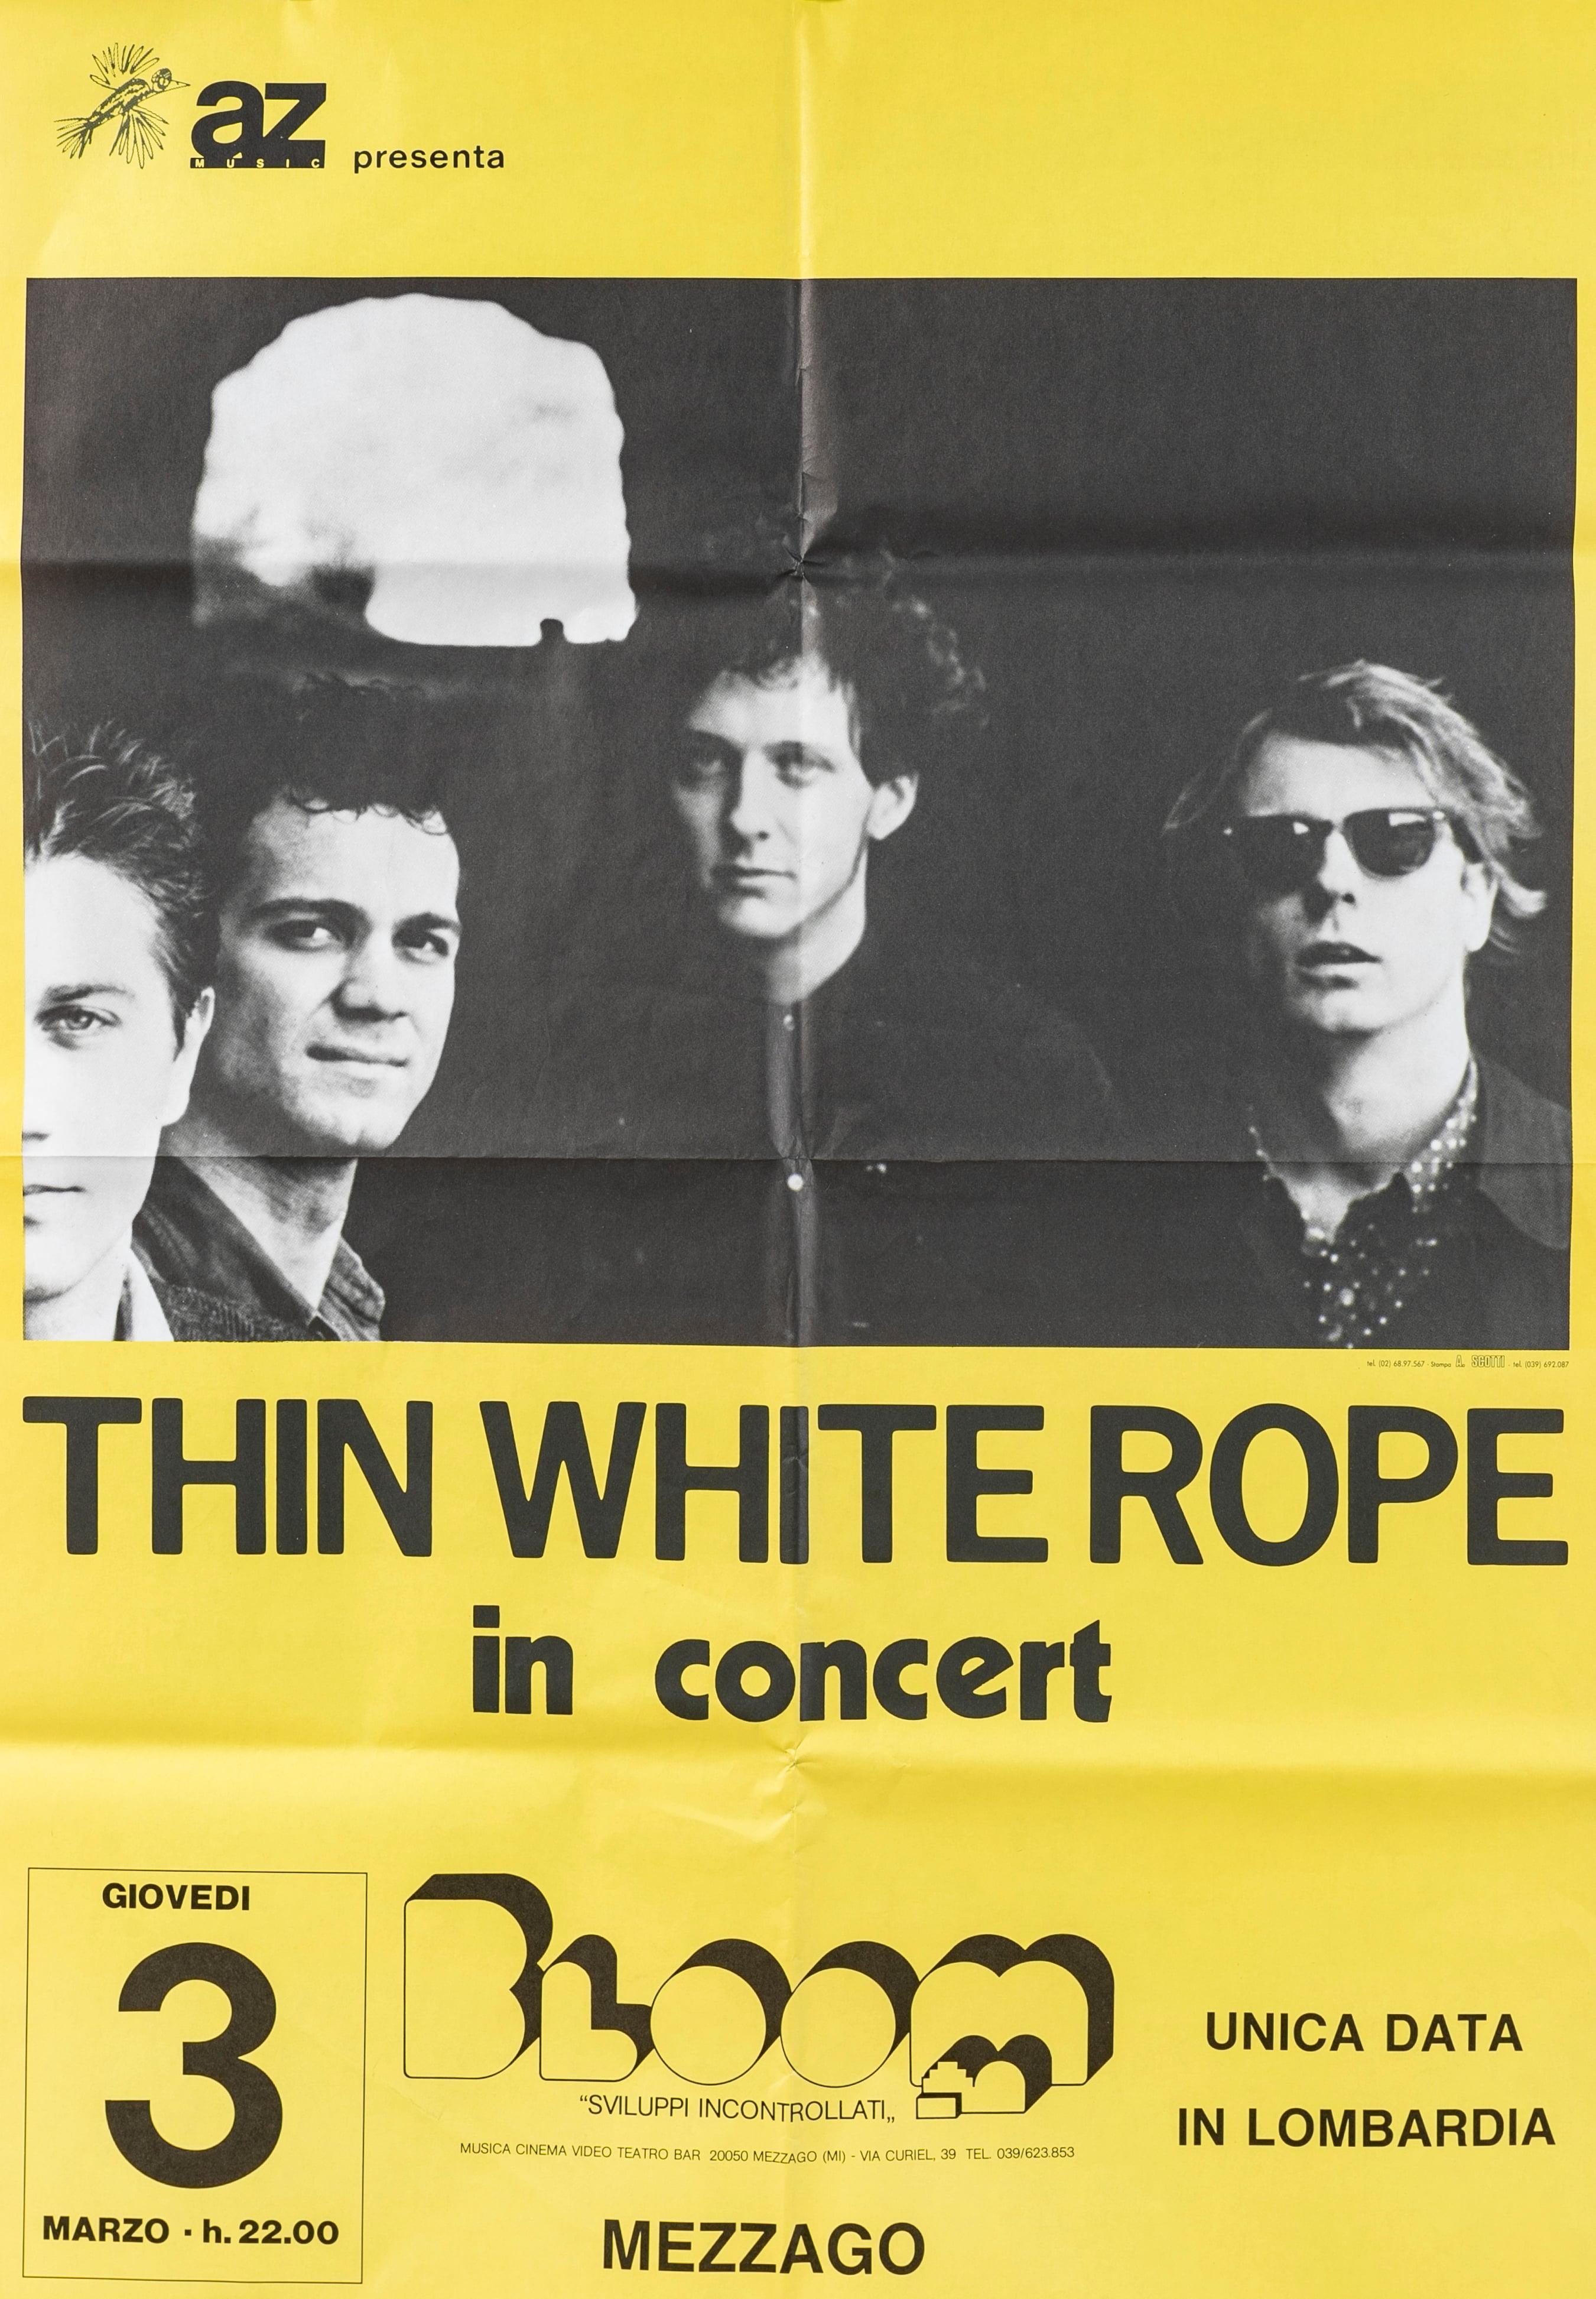 Manifesto 70x100 cm del concerto dei Thin White Rope. 1988